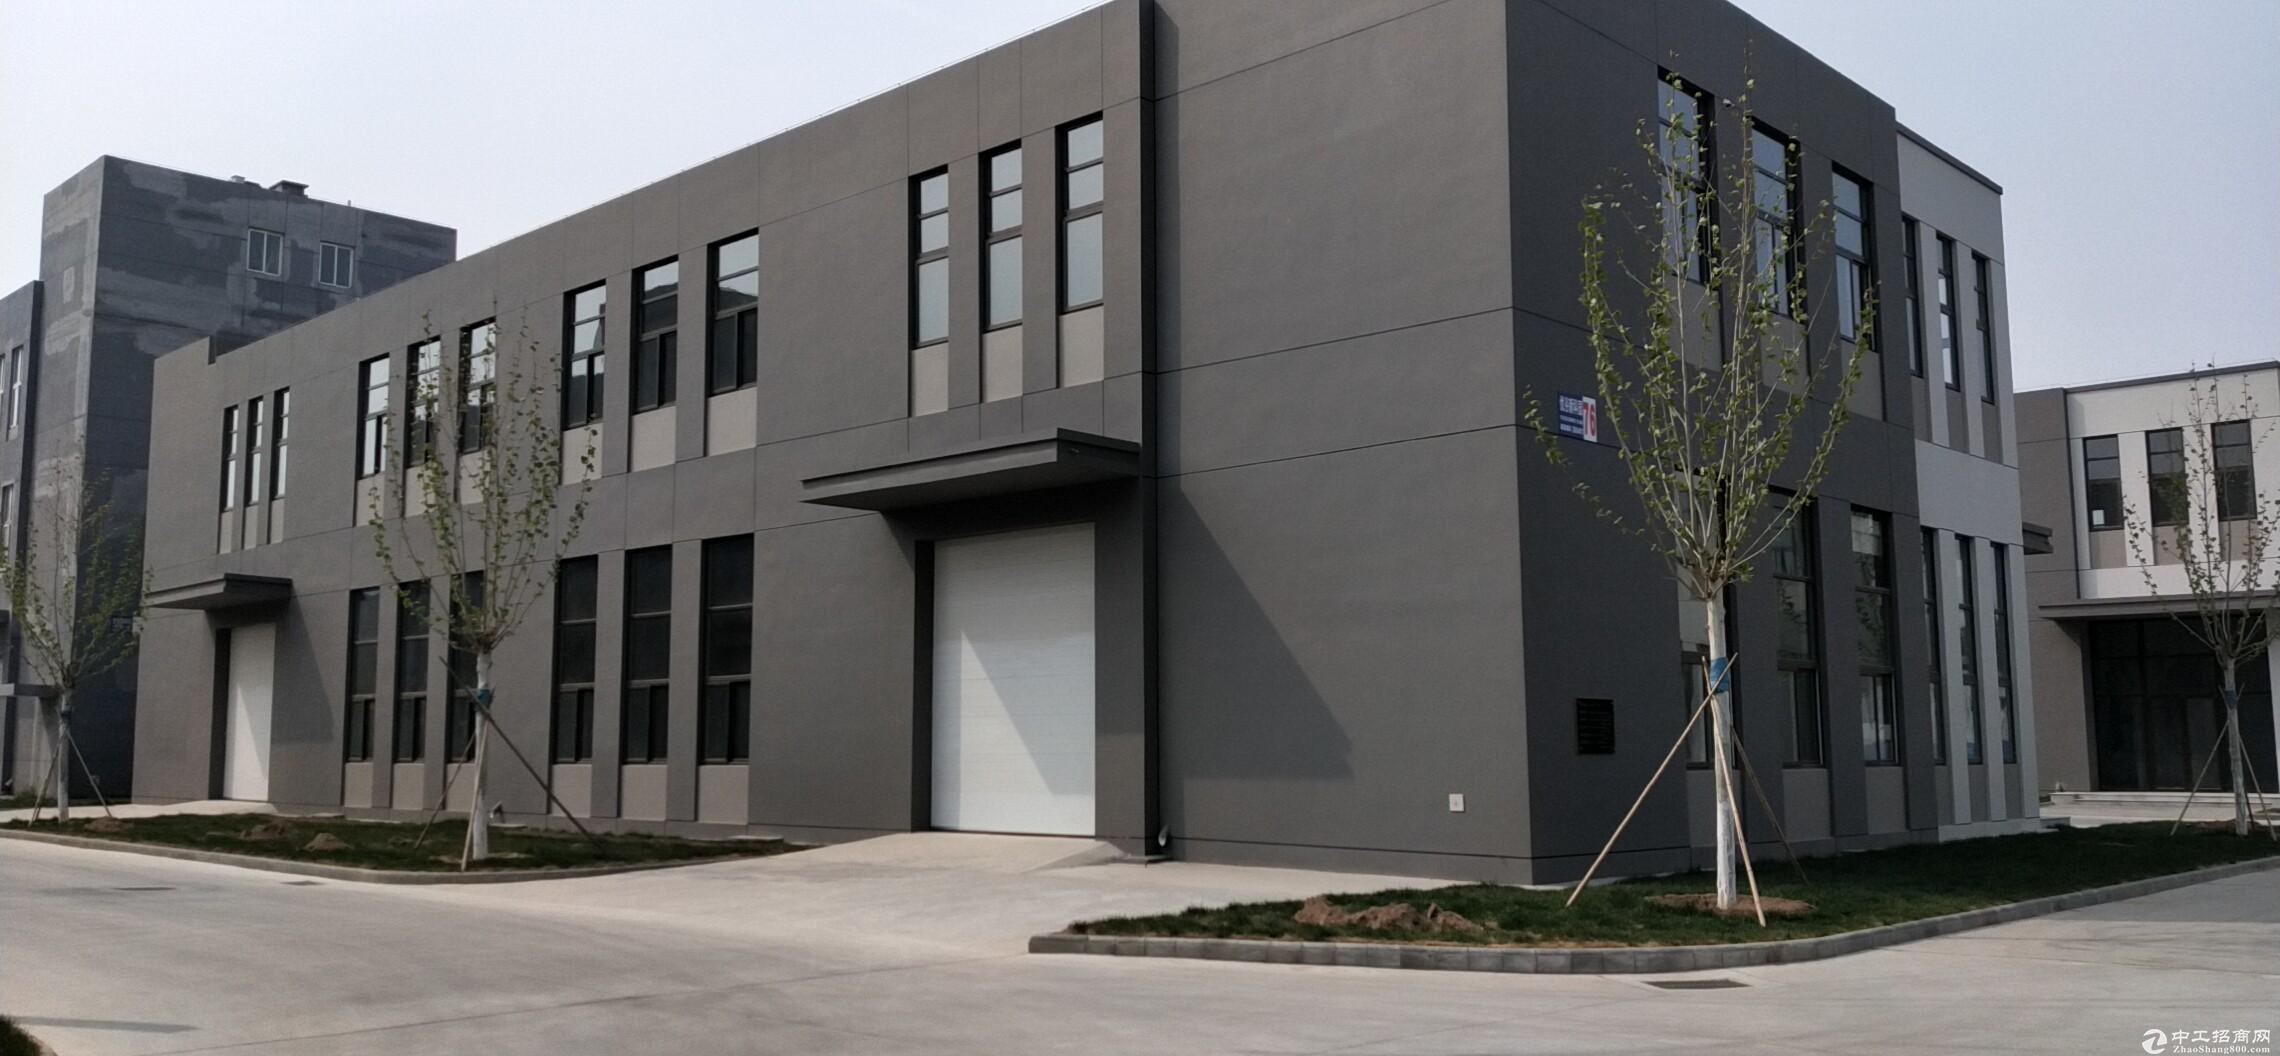 高铁旁厂房出售,1500平标准厂房,能环评,手续齐,多行准入-图2